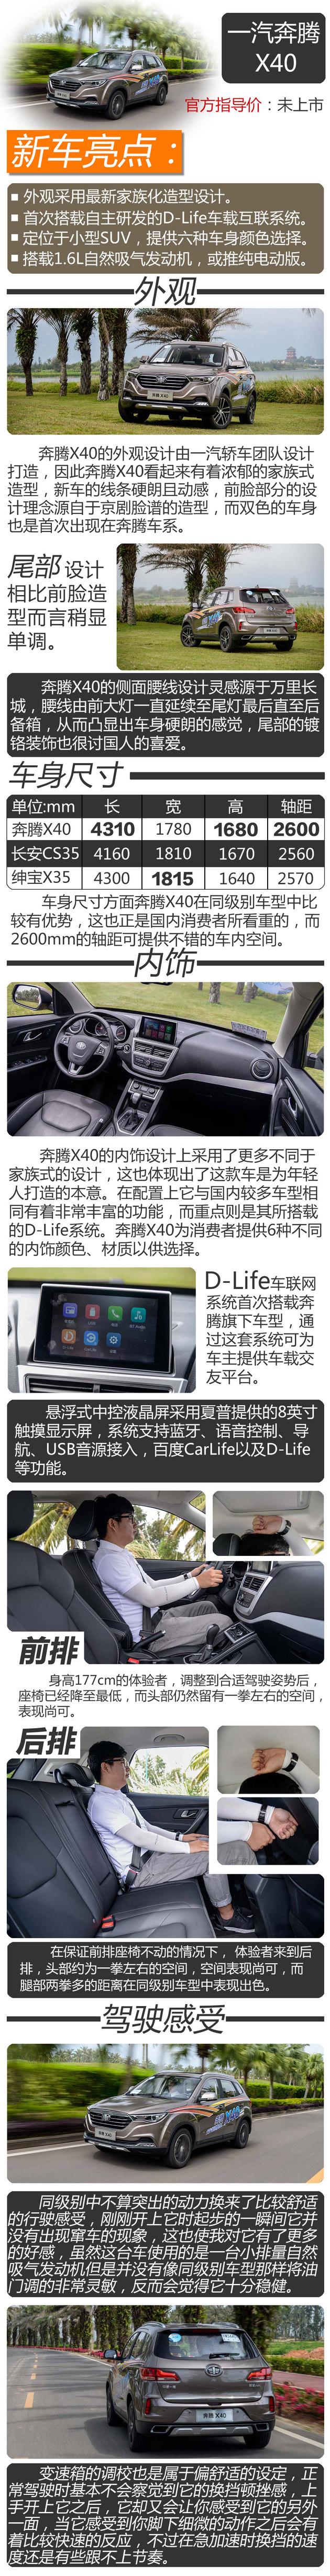 一汽奔腾全新X40试驾 互联系统媲美微信